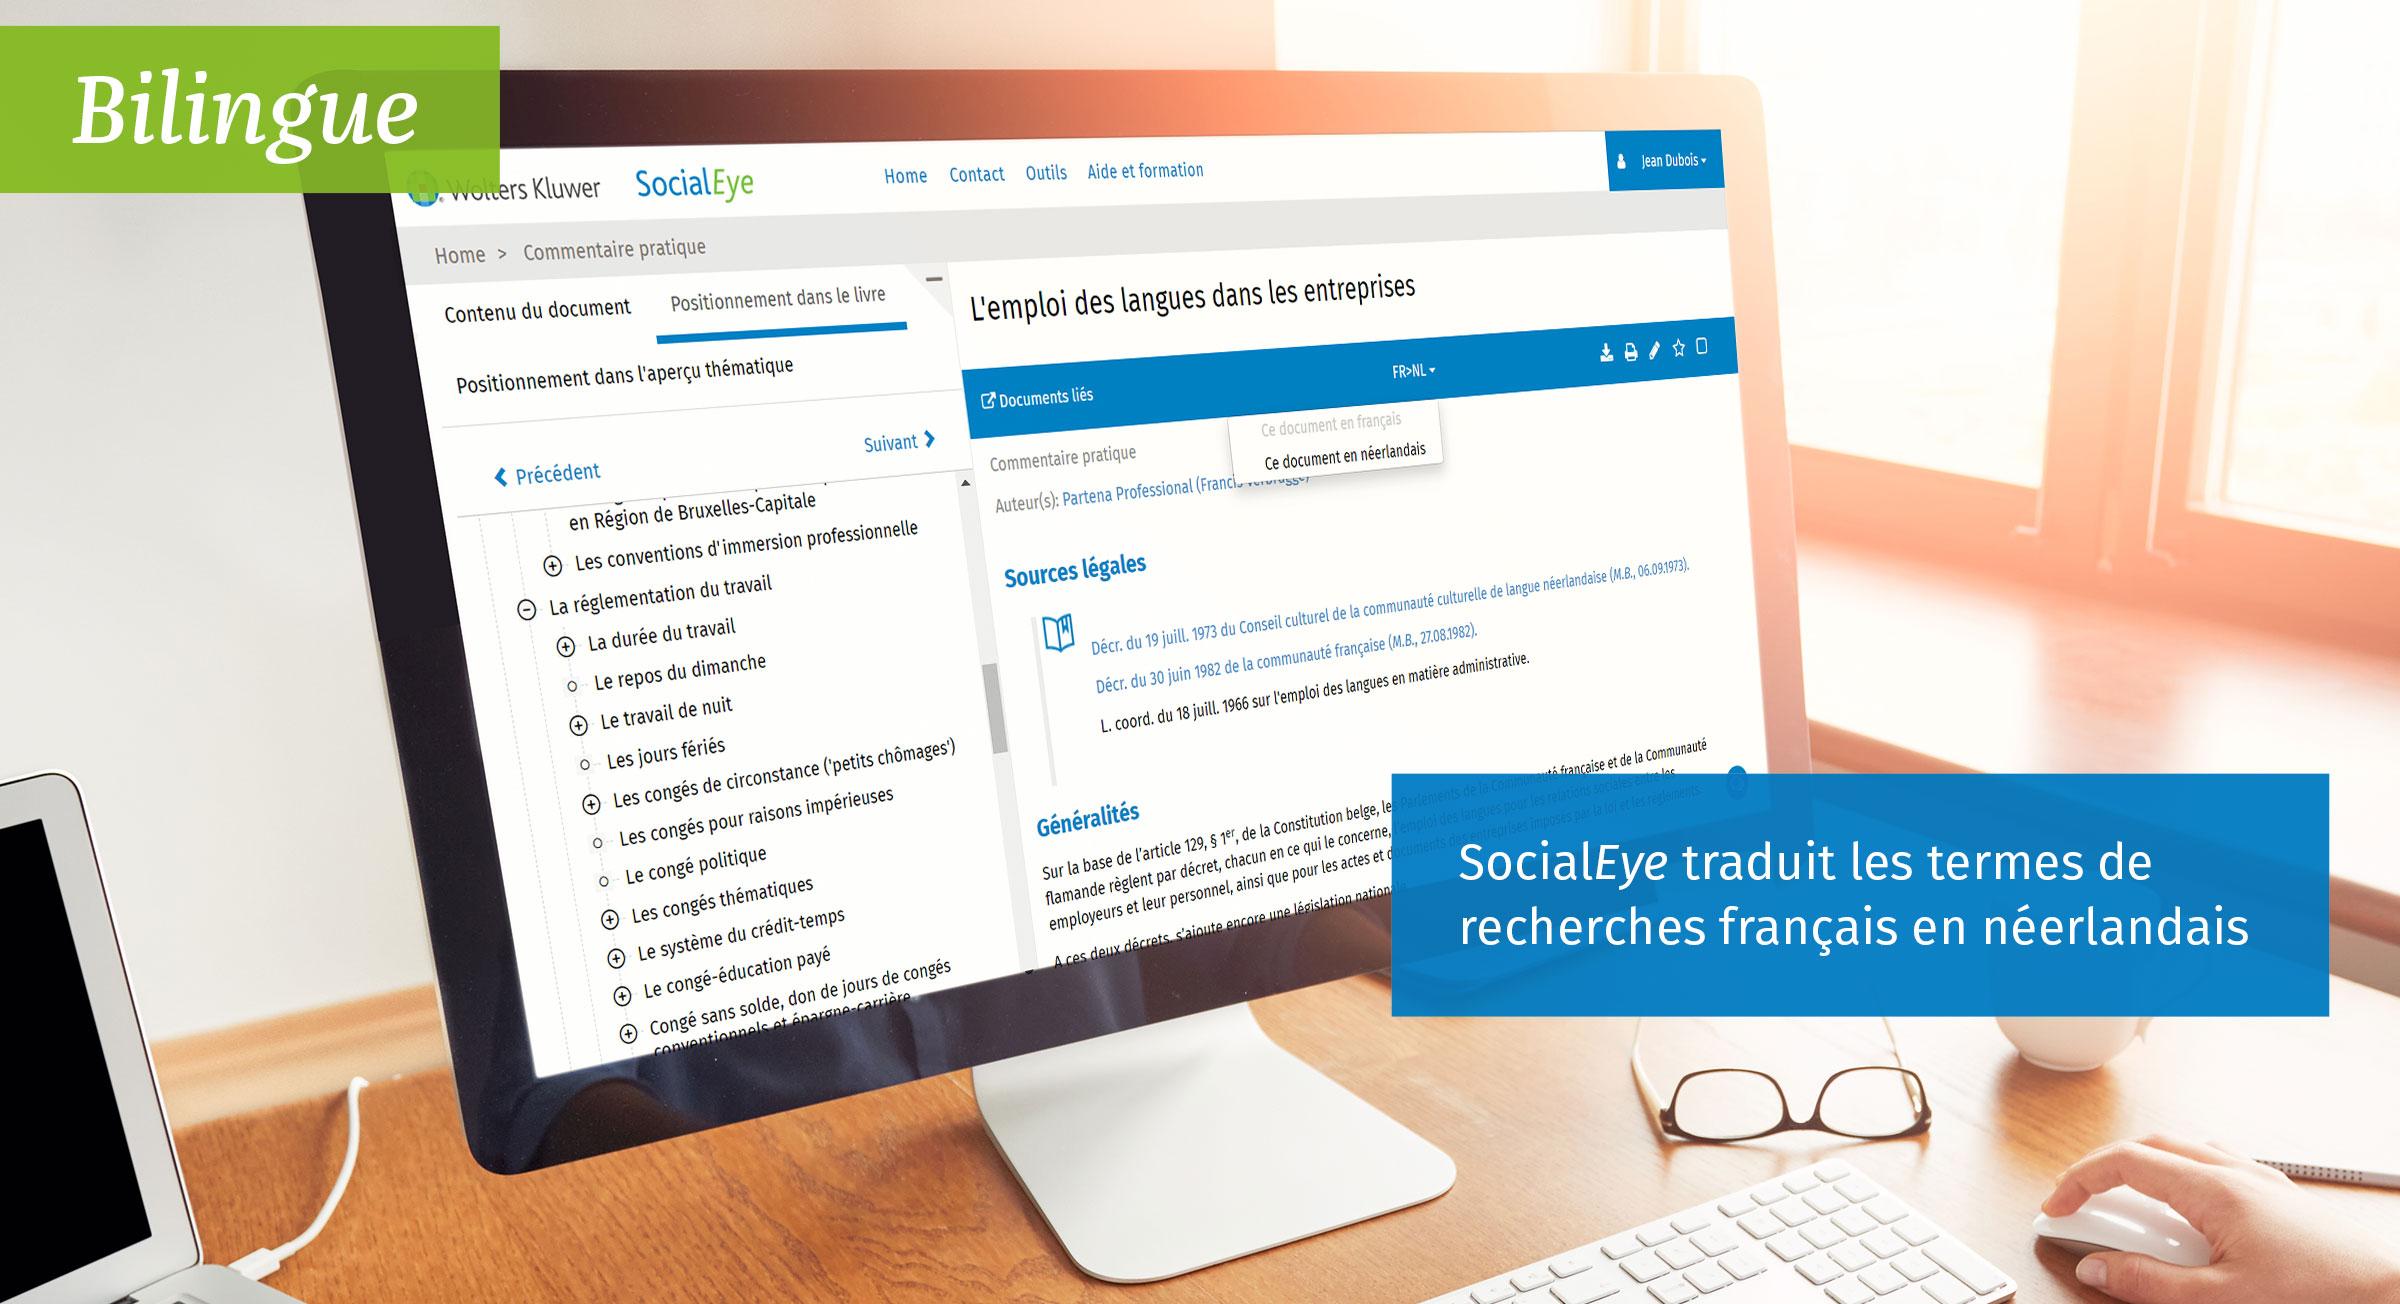 SocialEye-OneWeb-Bilingue-1200x652x2-2020-FR